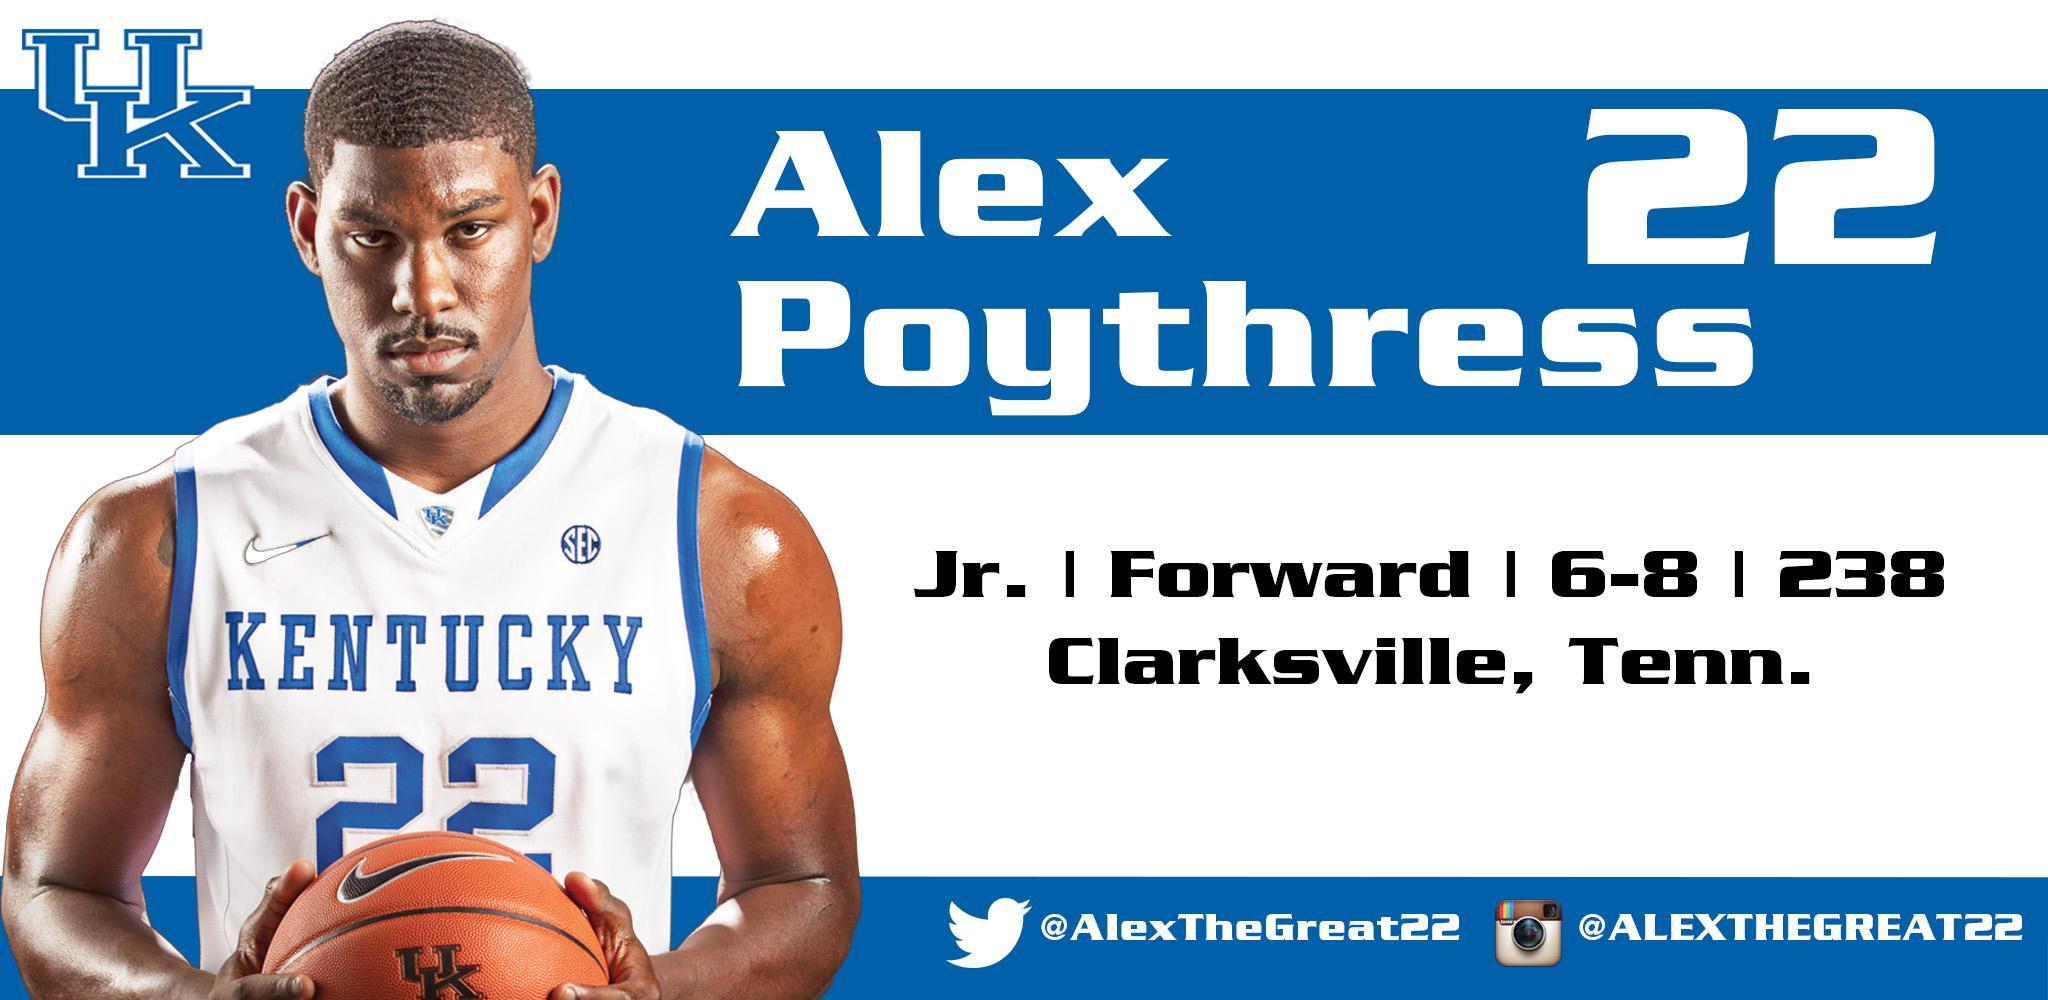 Alex Poythress